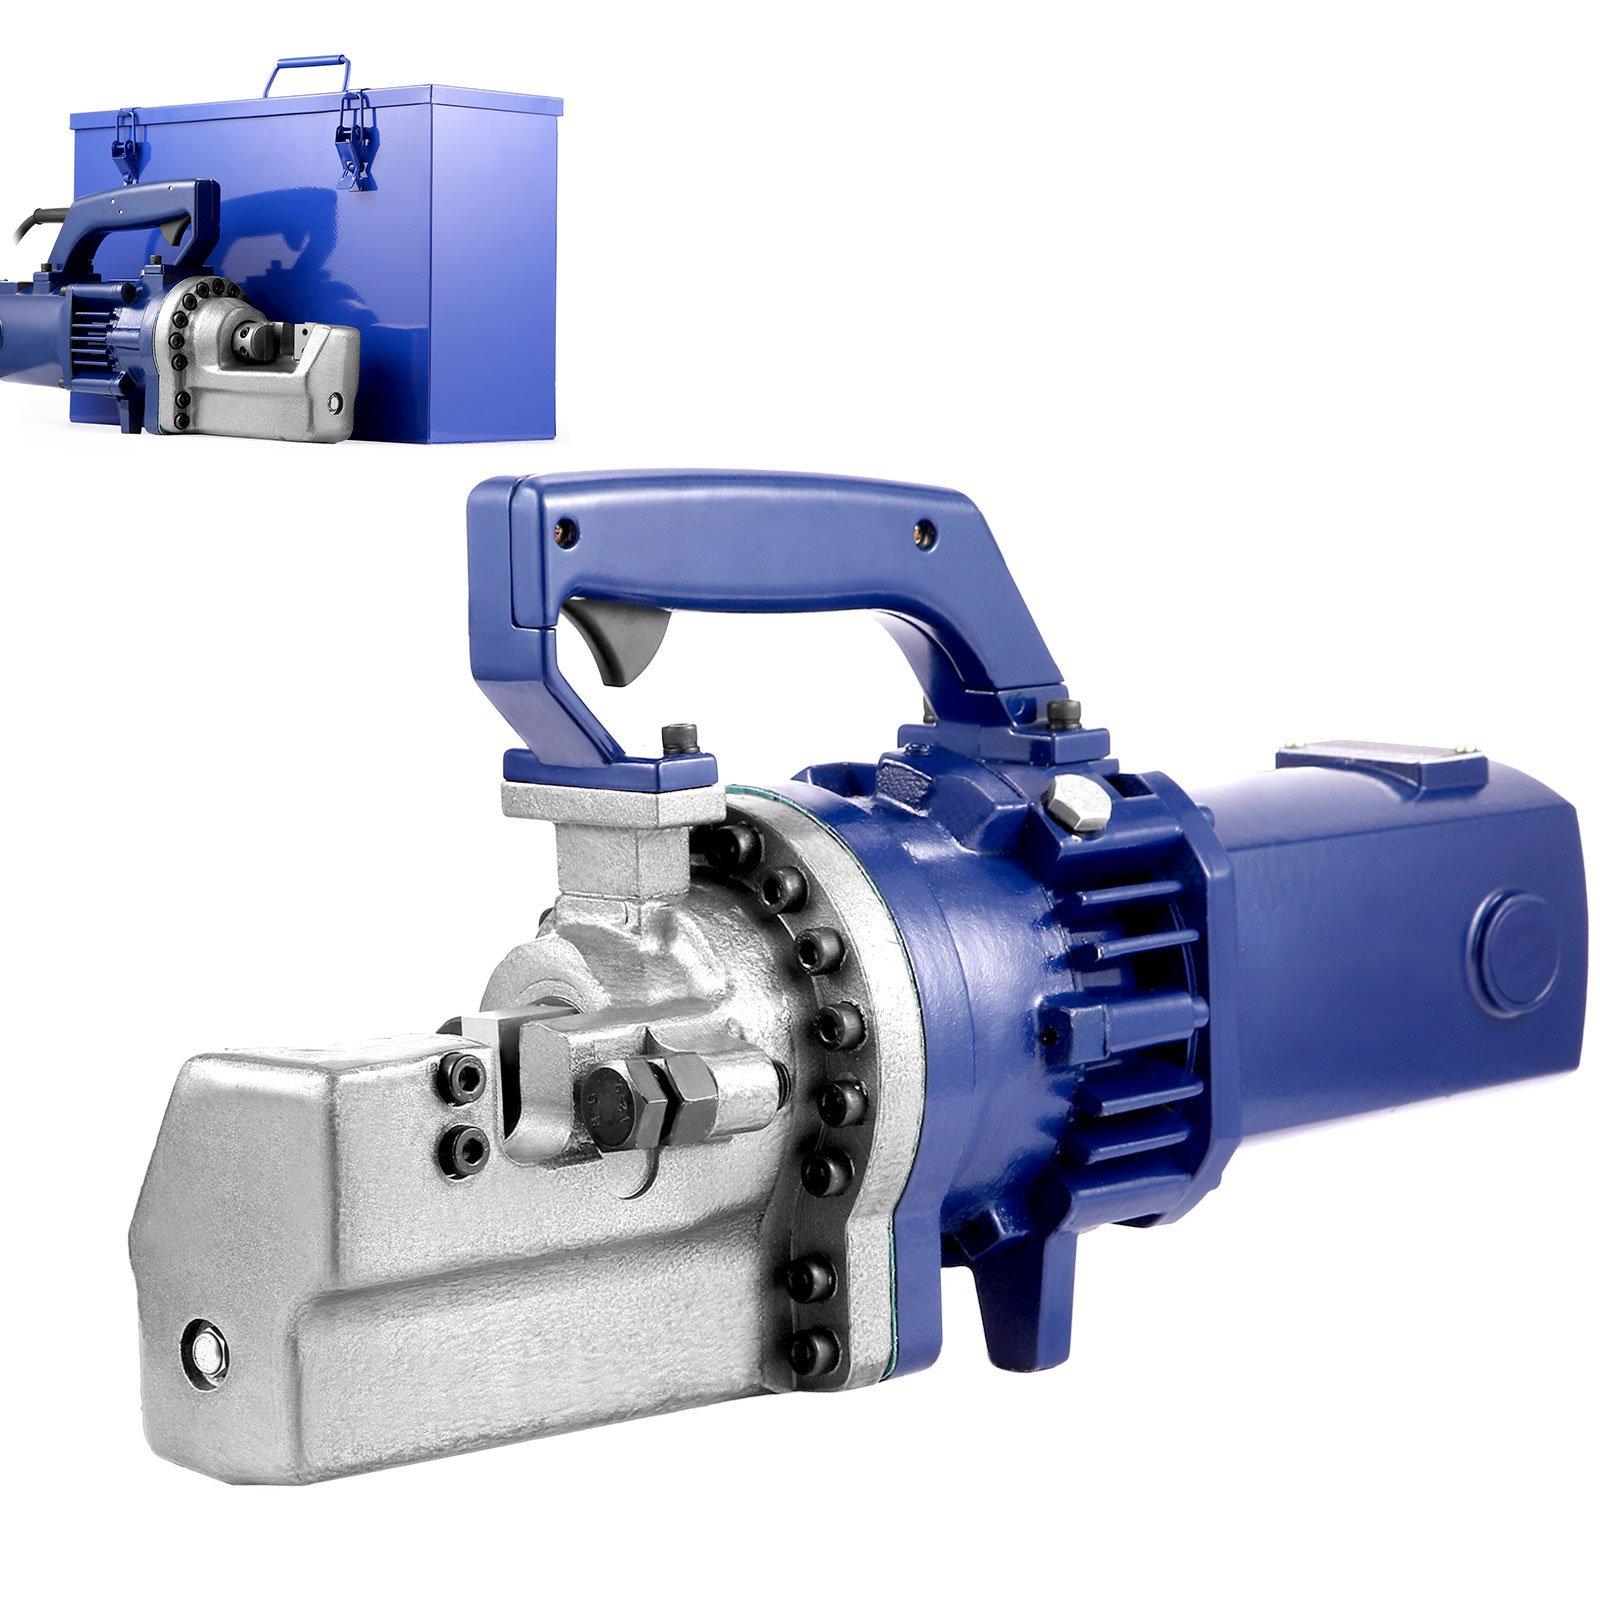 Happybuy 1700W Electric Rebar Cutter 1'' #8 Hydraulic Rebar Cutter 110V Rebar Cutter 4.5-5.5 Second Cutting (1'' 25mm)